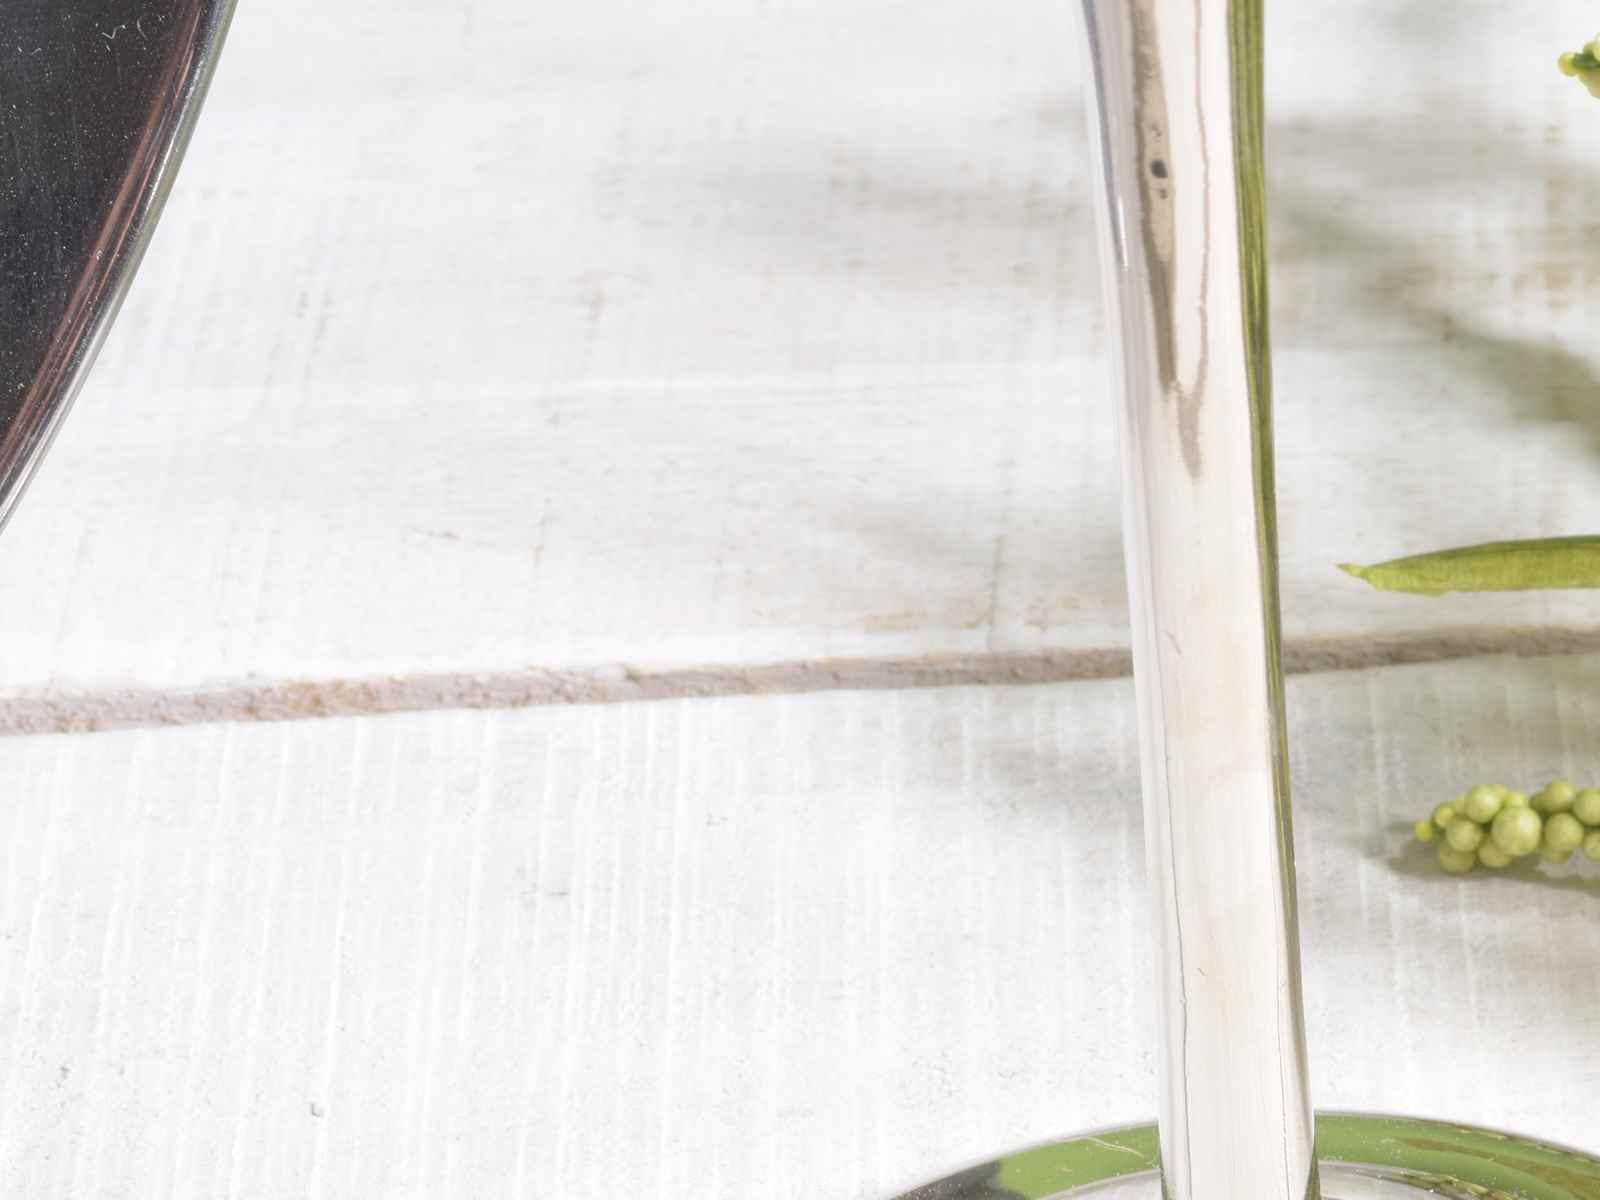 Frutta idee alzatina : Alzata in metallo lucido con cupola in vetro Misure: diam 13 cm x 27,5 ...